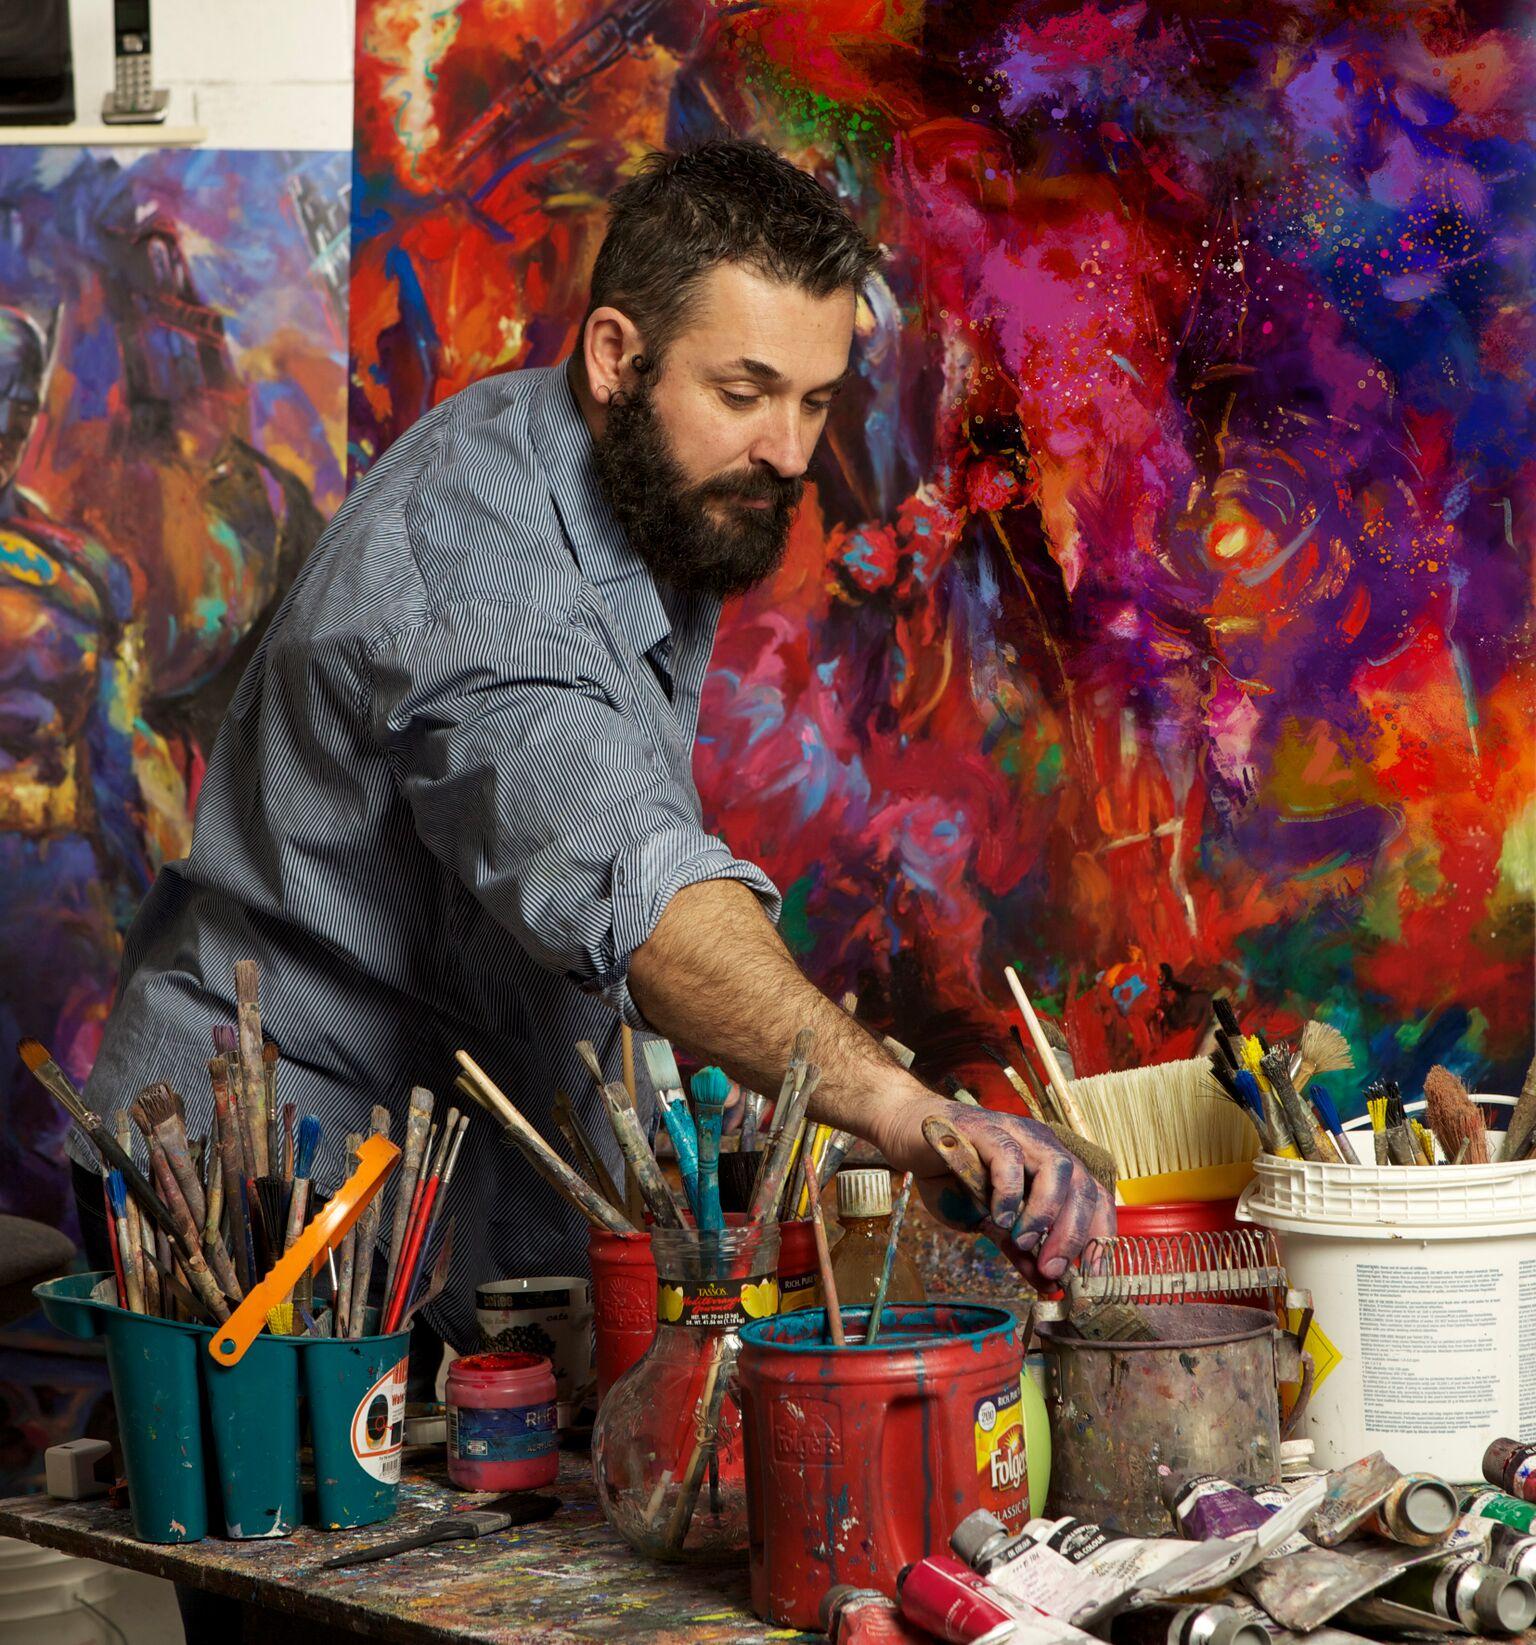 blend-painting-studio.jpg